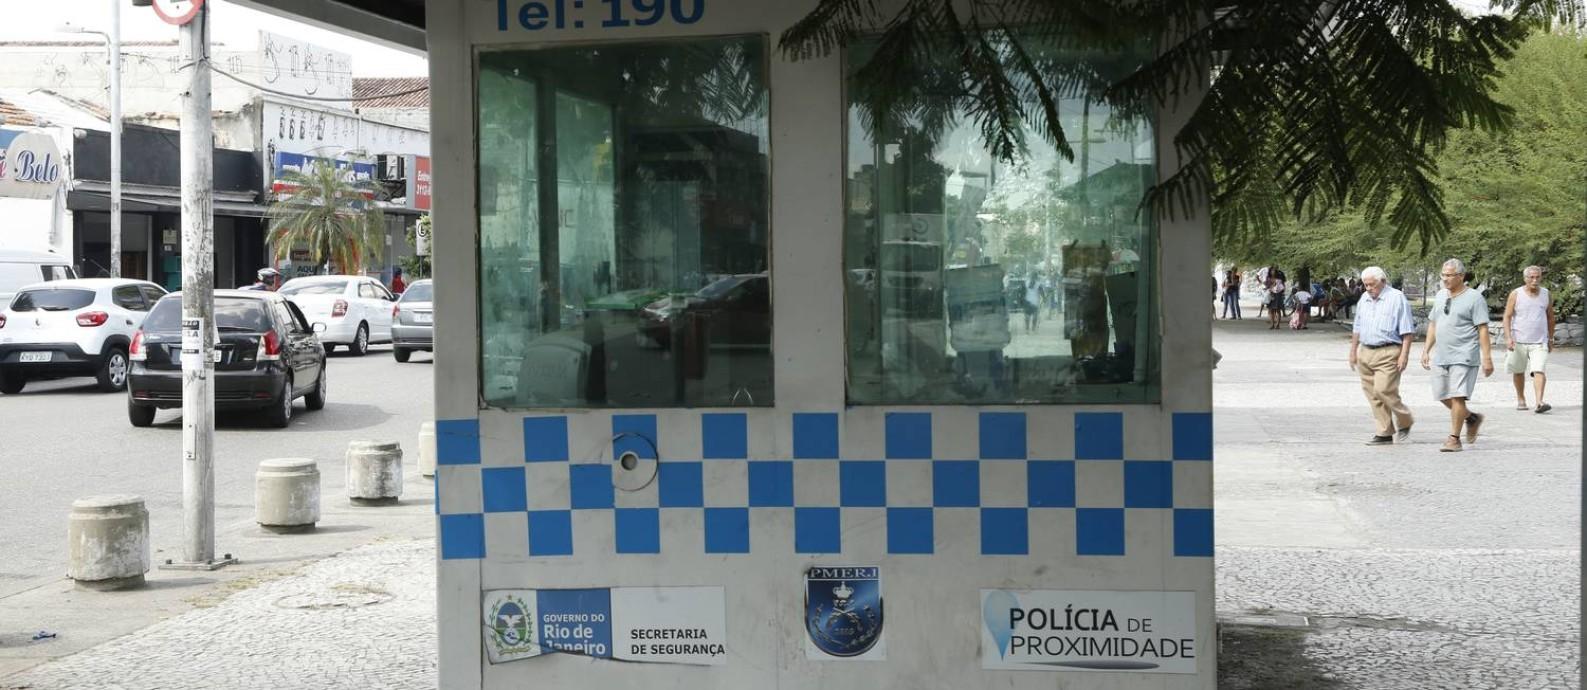 Cabine da PM abandonada em praça de Realengo Foto: Antonio Scorza / Agência O Globo